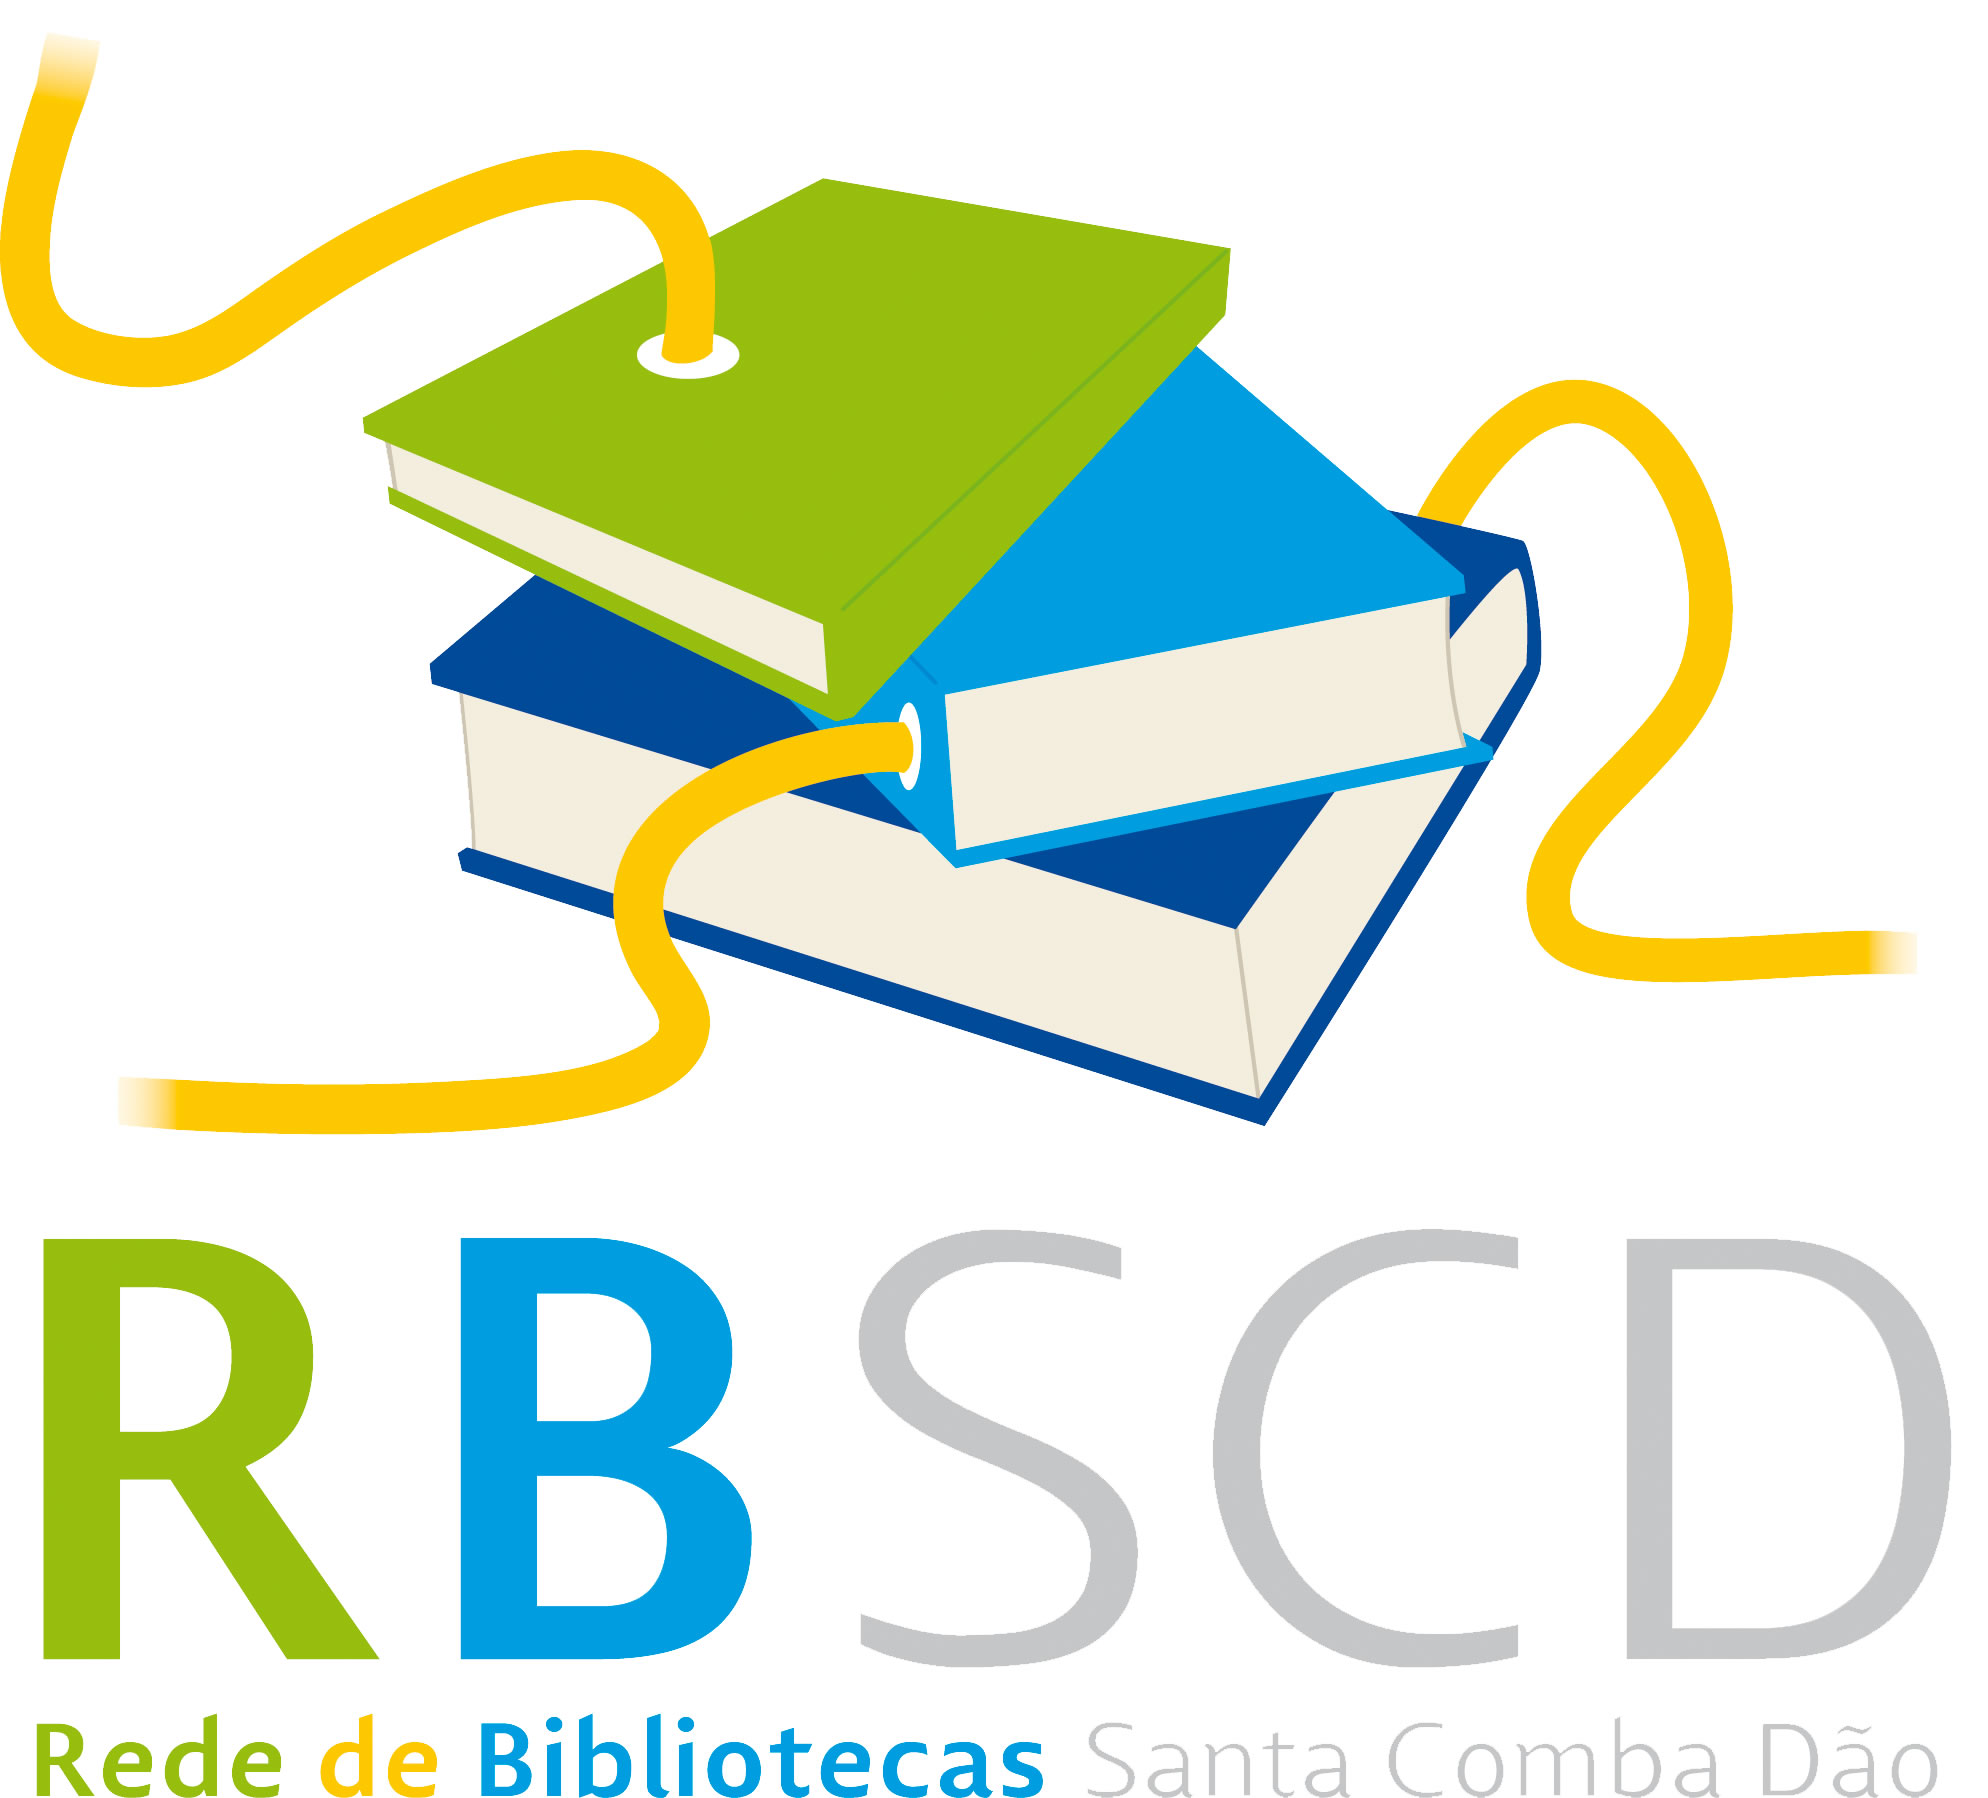 Cat logo colectivo da rede de bibliotecas de santa comba d o for Logotipos de bibliotecas